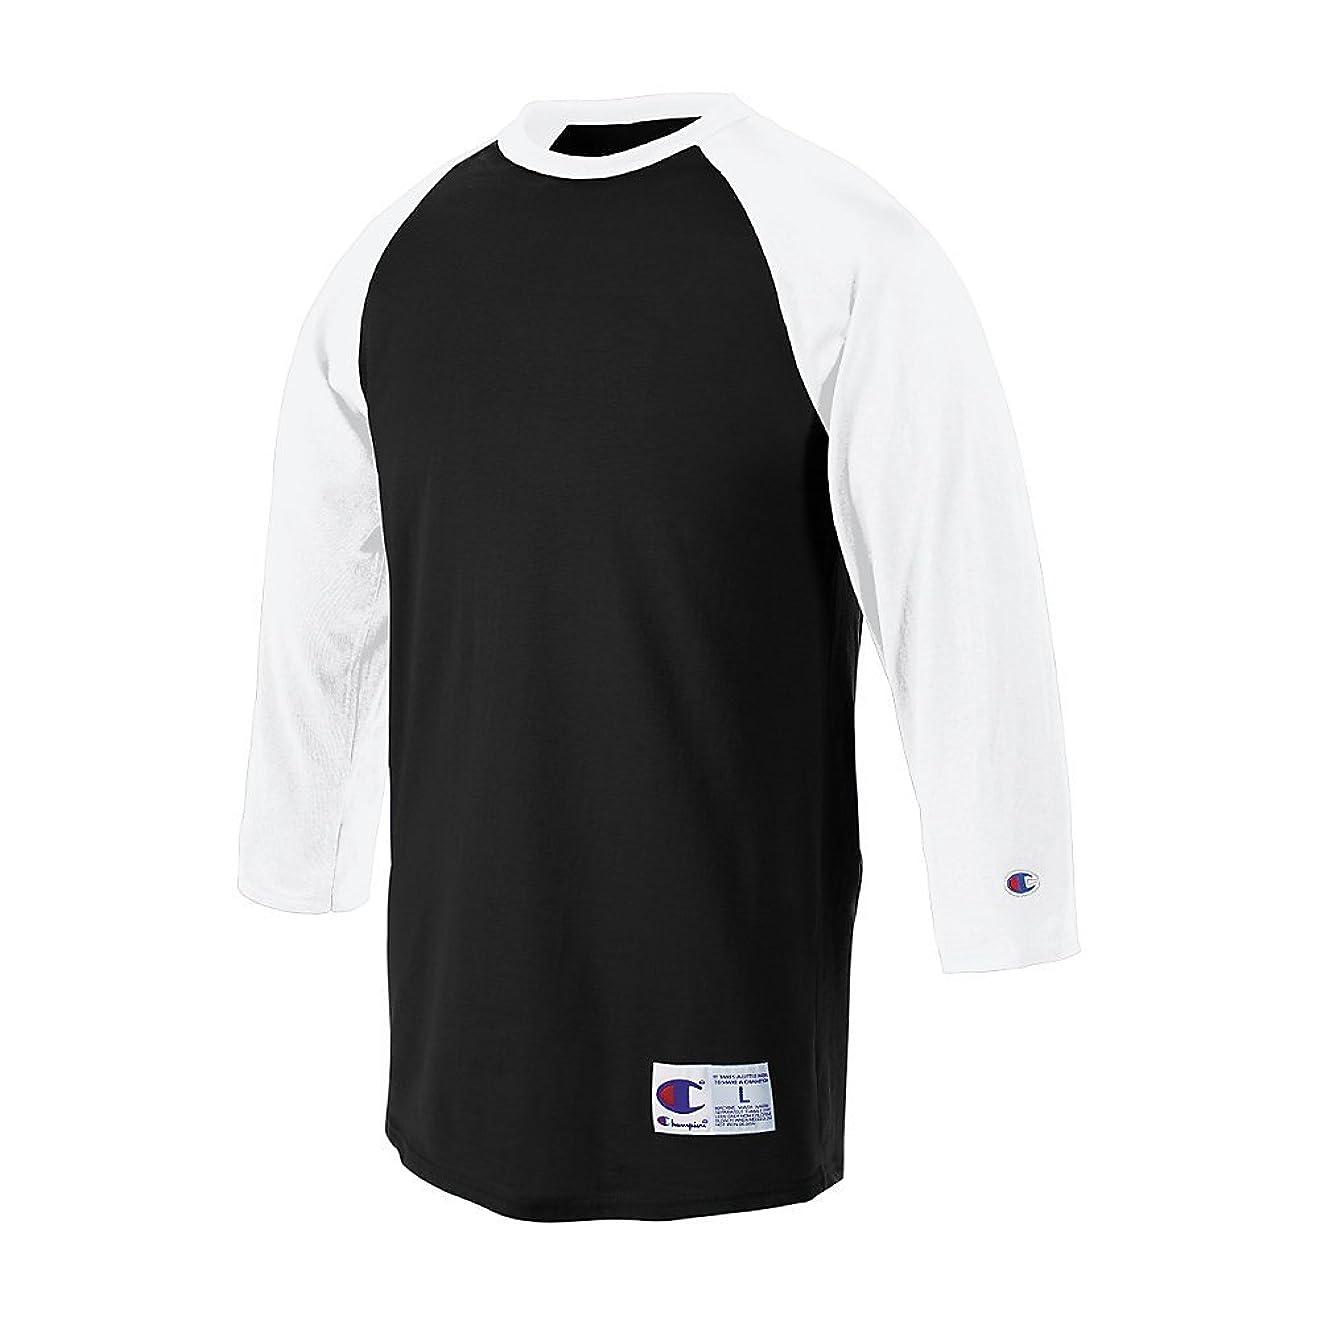 支払いポータブルさせるChampionラグランベースボールTシャツ_ブラック/ホワイト_ 3?x l